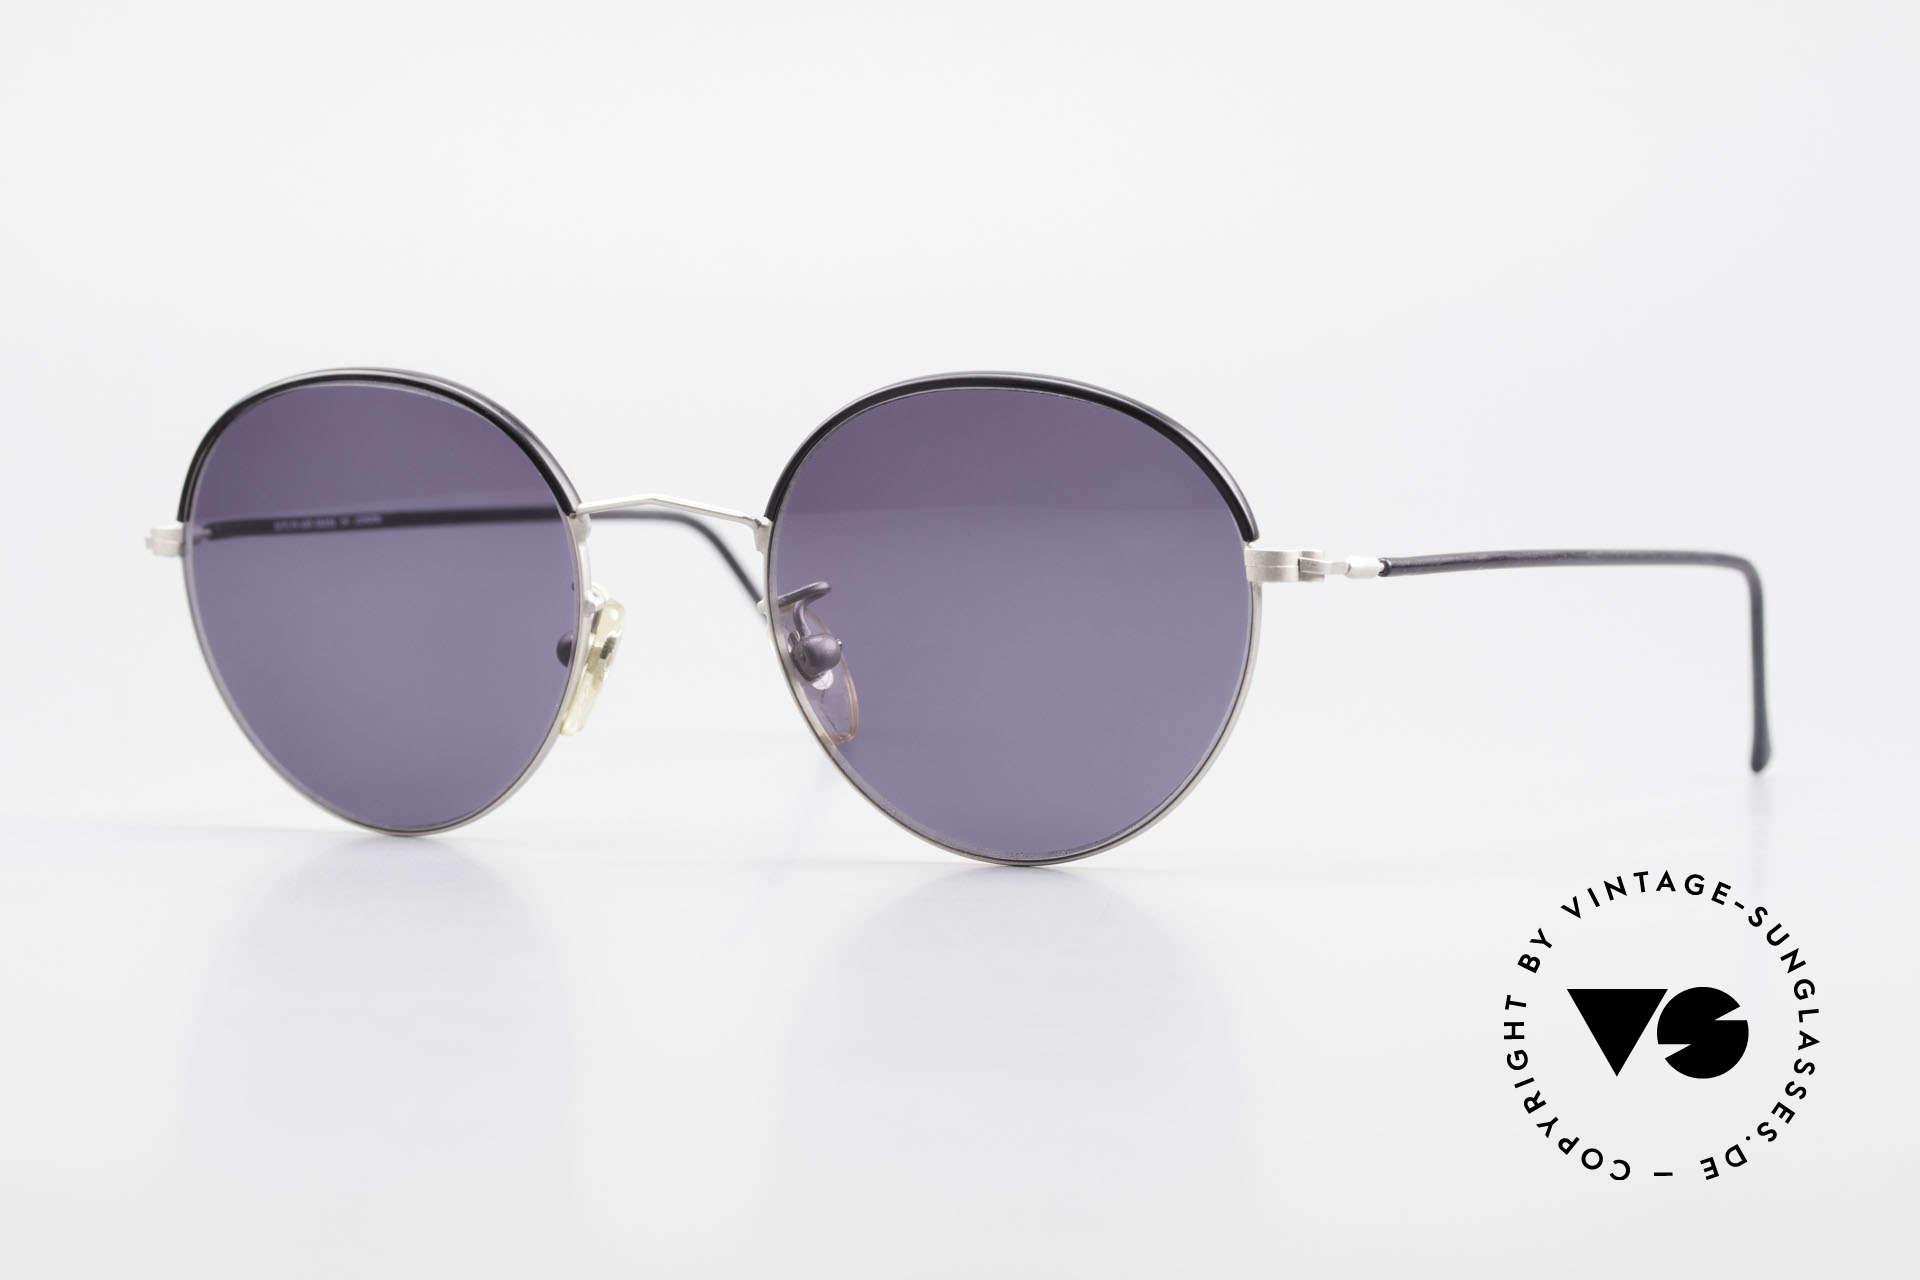 Cutler And Gross 0391 Runde Designer Pantobrille, Cutler & Gross London Designerbrille der späten 90er, Passend für Herren und Damen